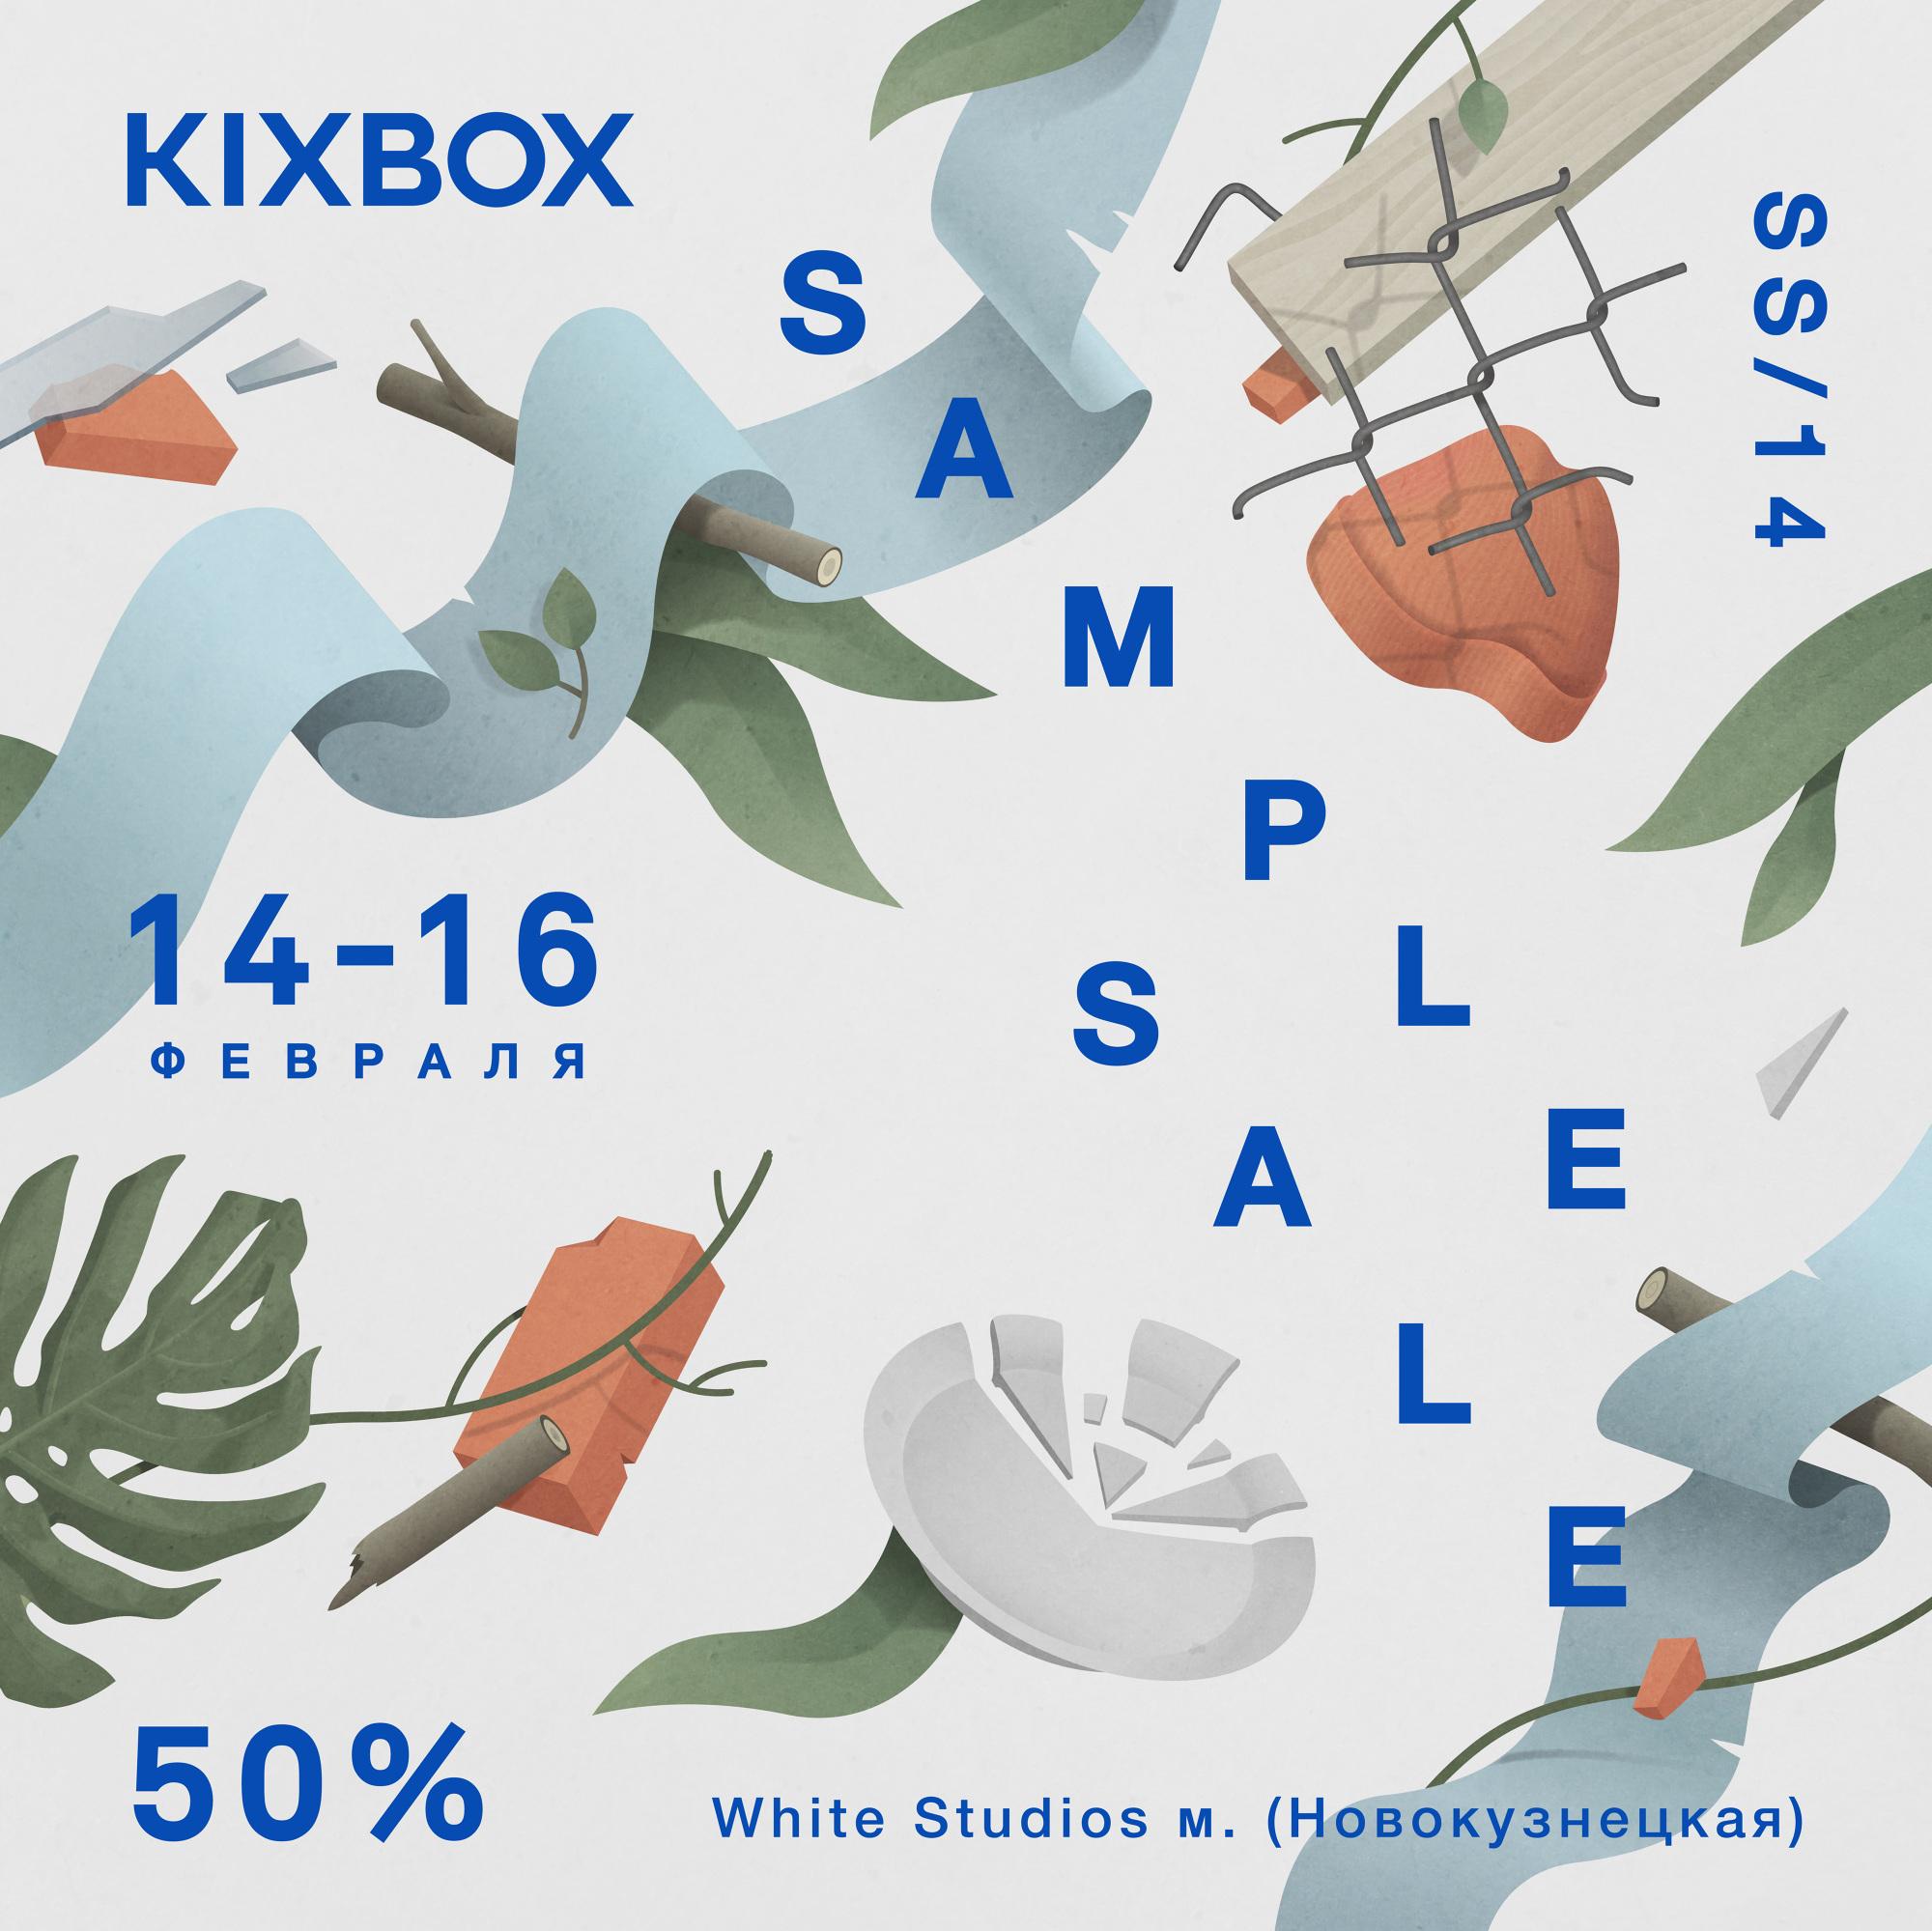 KIXBOX campaign